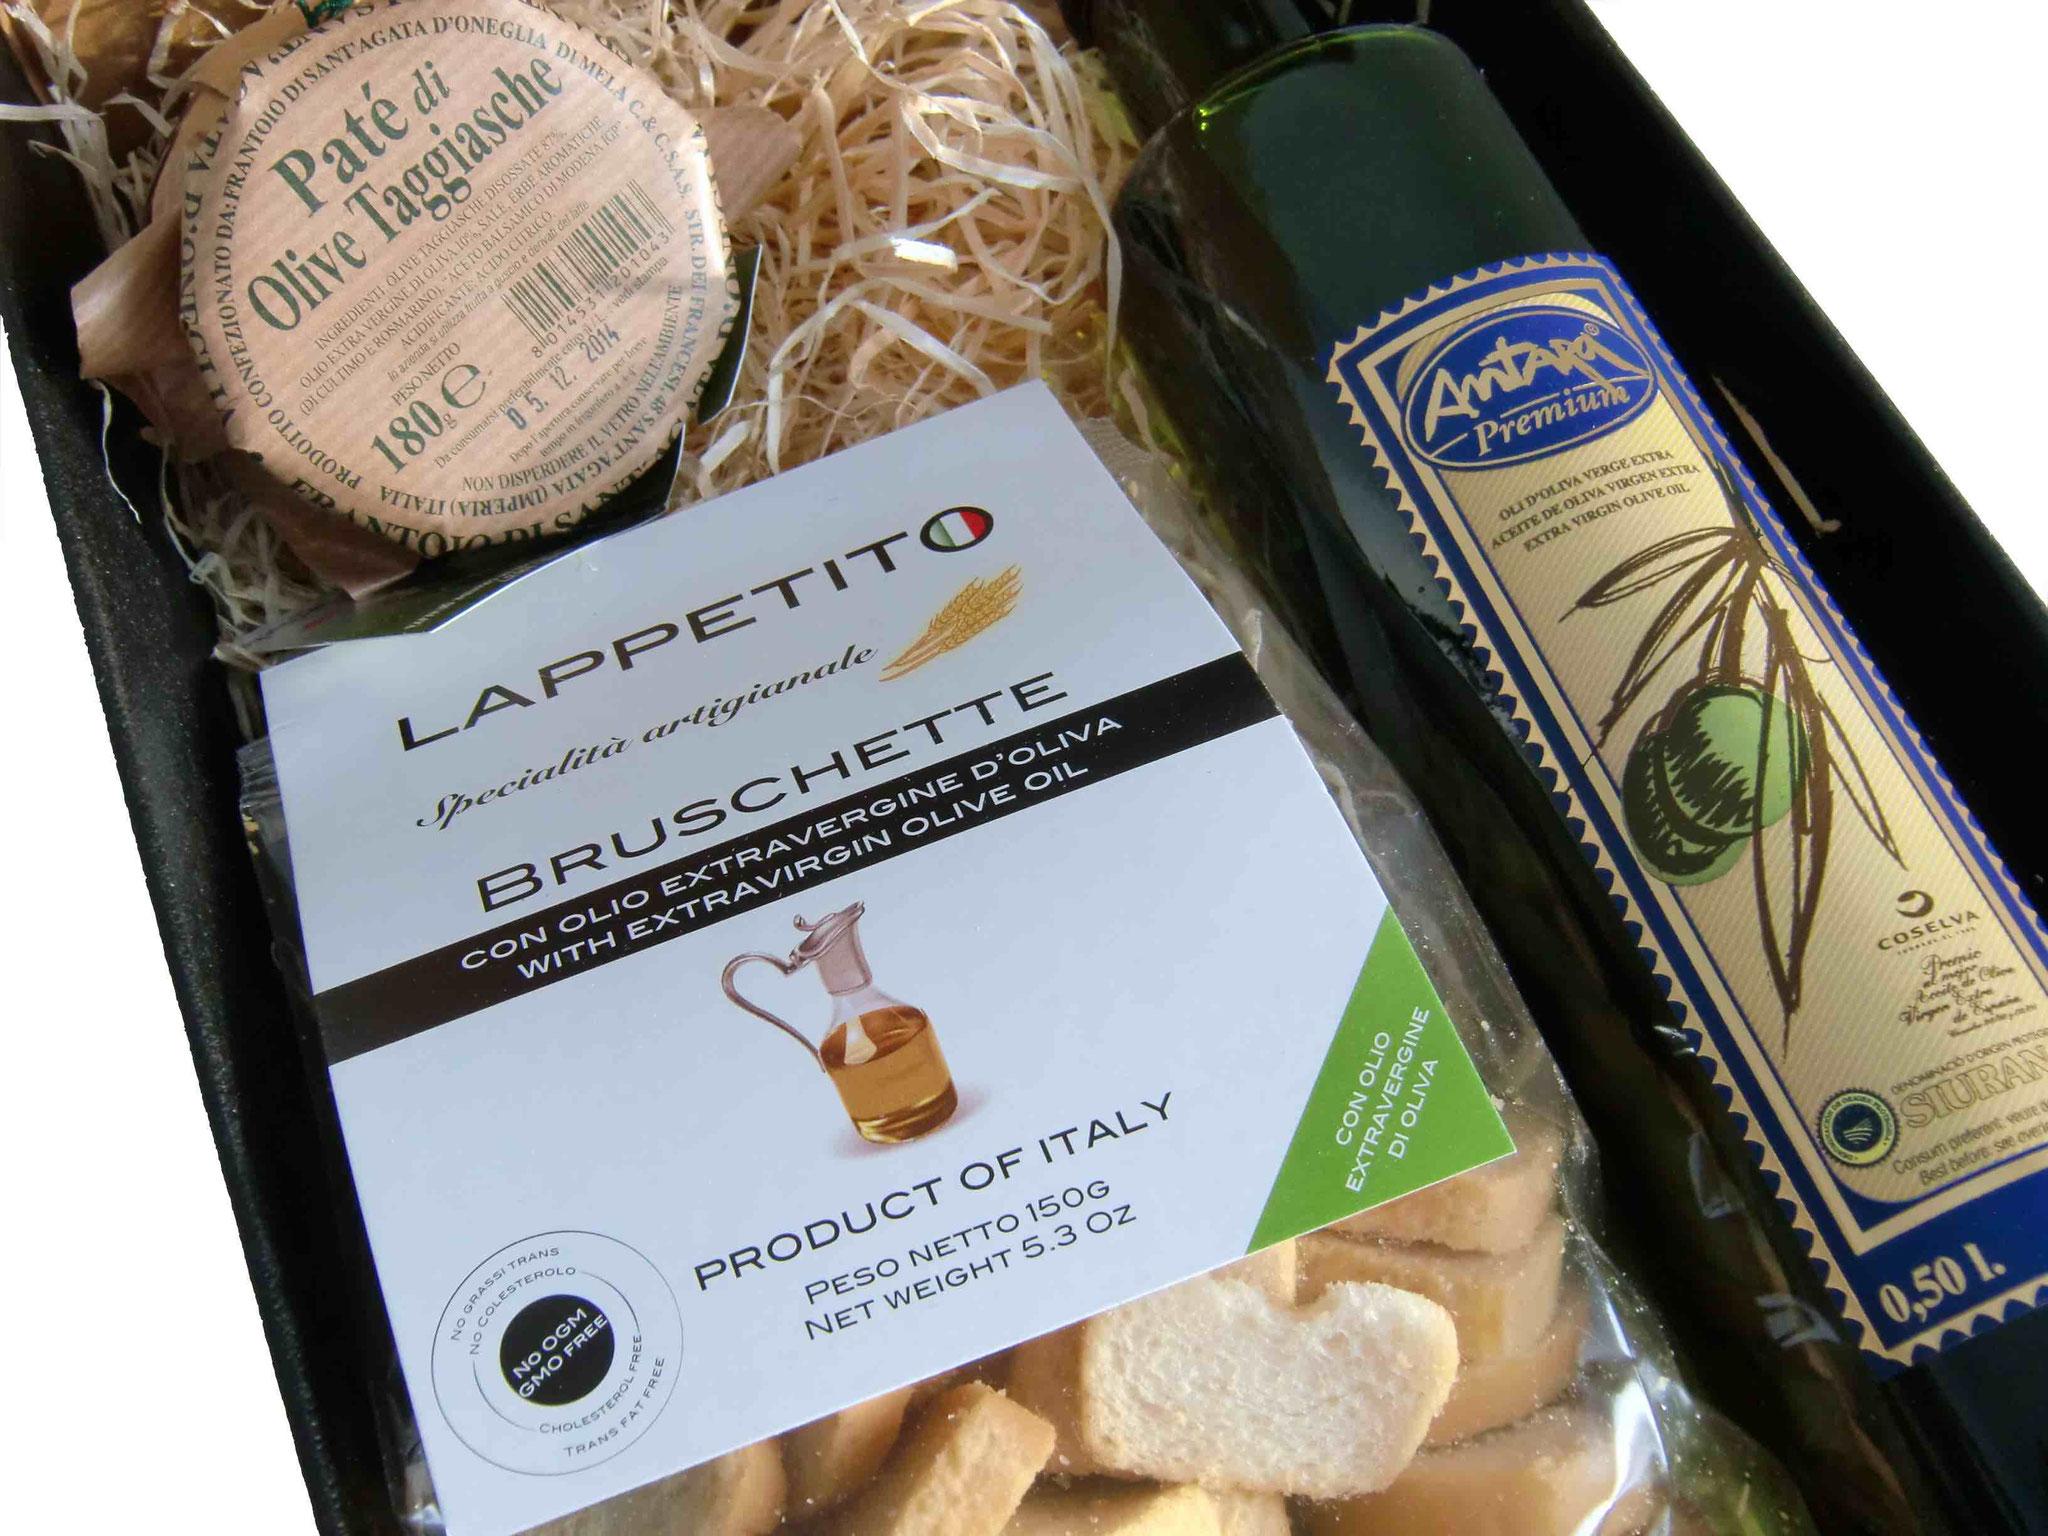 2er Geschenkspackung mit 1/2 l Antara Olivenöl, Paté & Bruschette